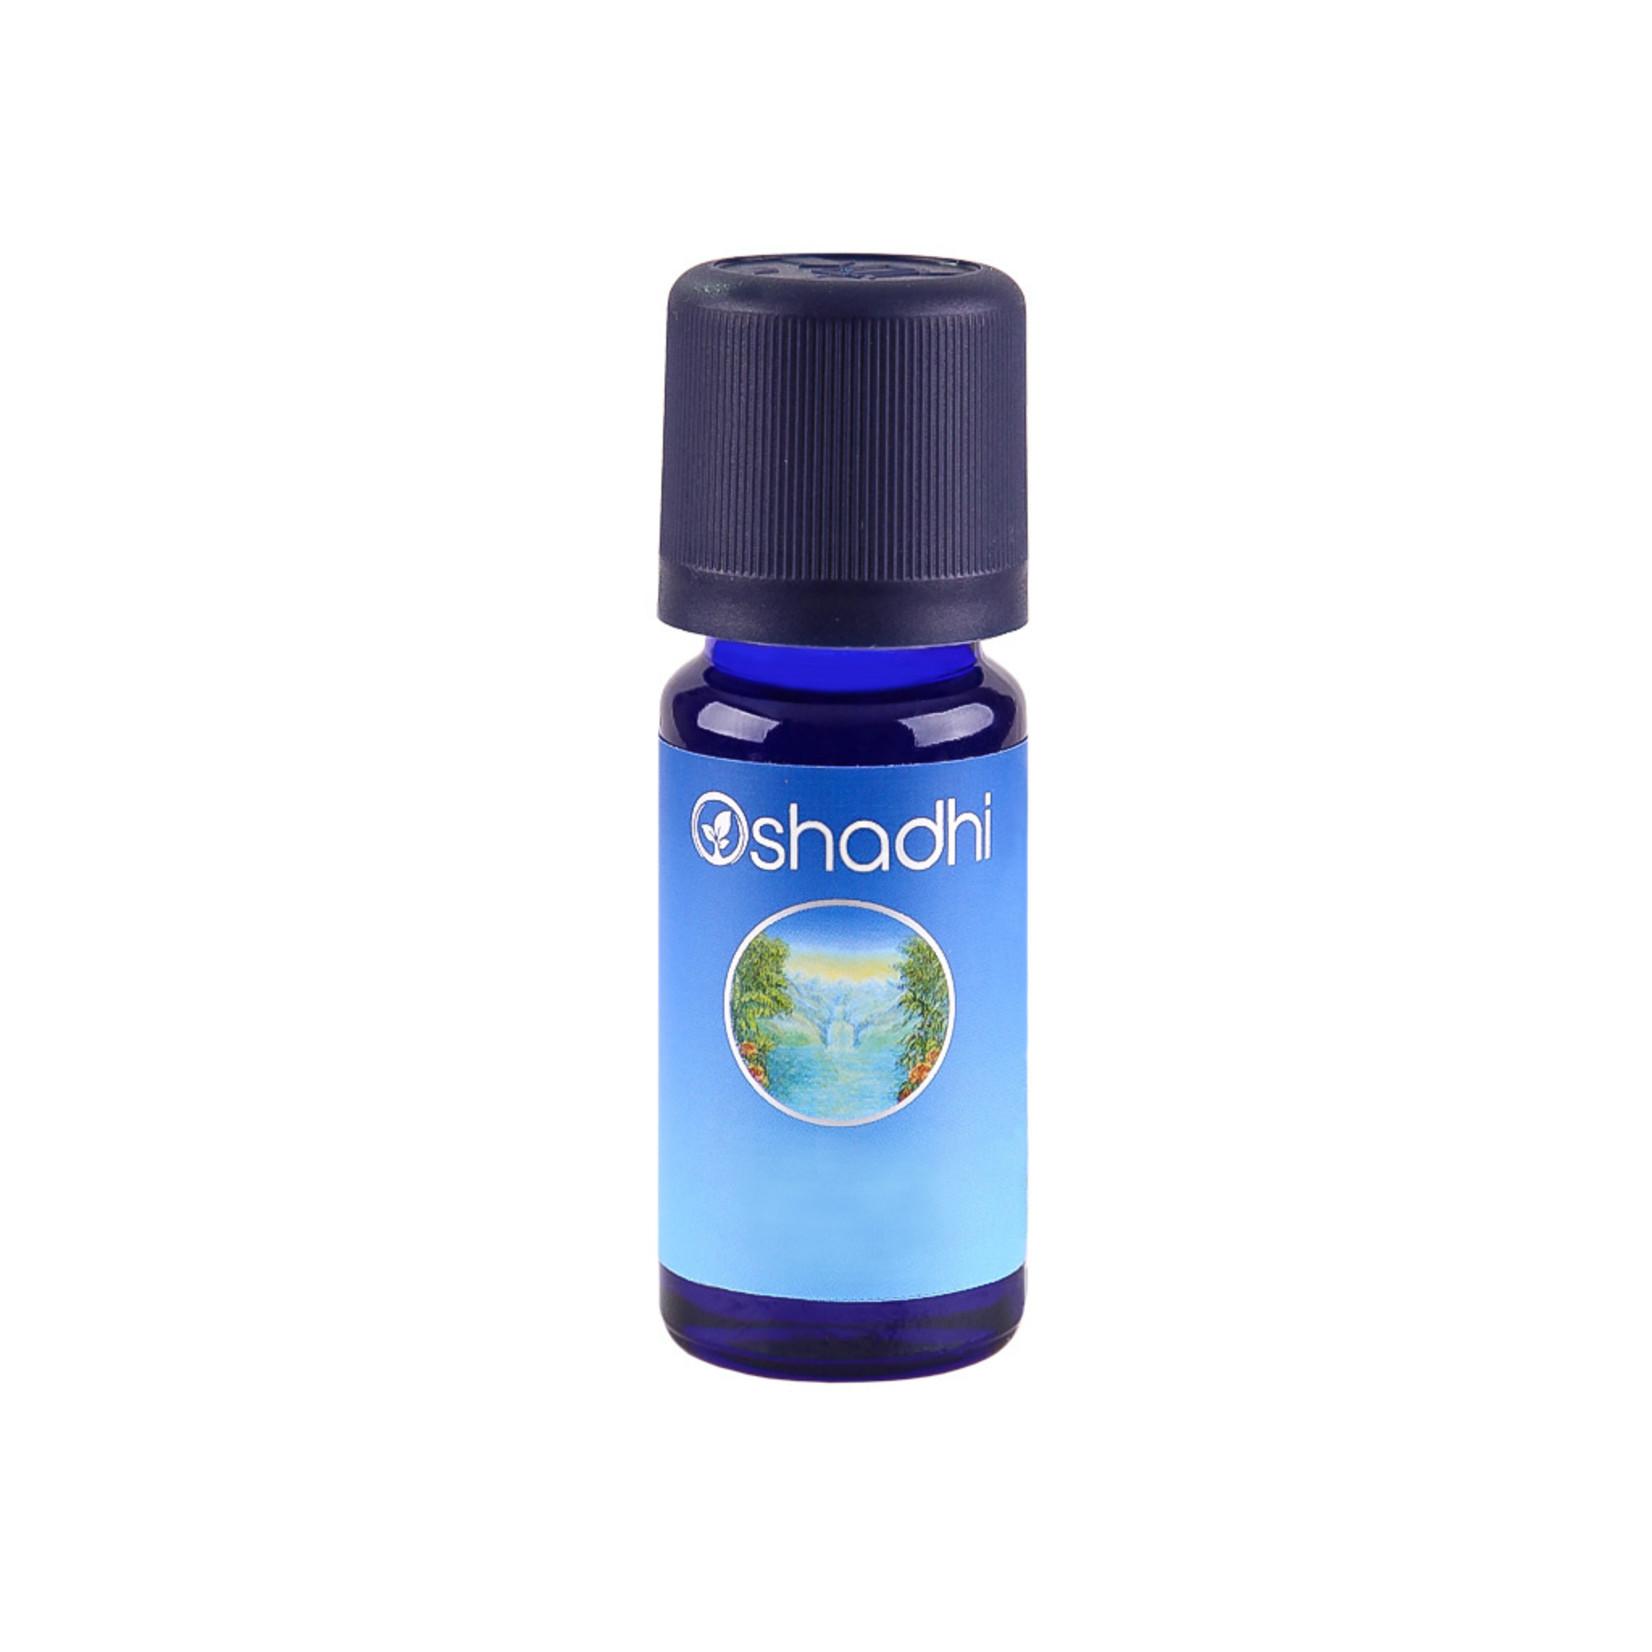 Oshadhi Litsea EO Oshadhi - verfrist bij vermoeidheid - 10ml